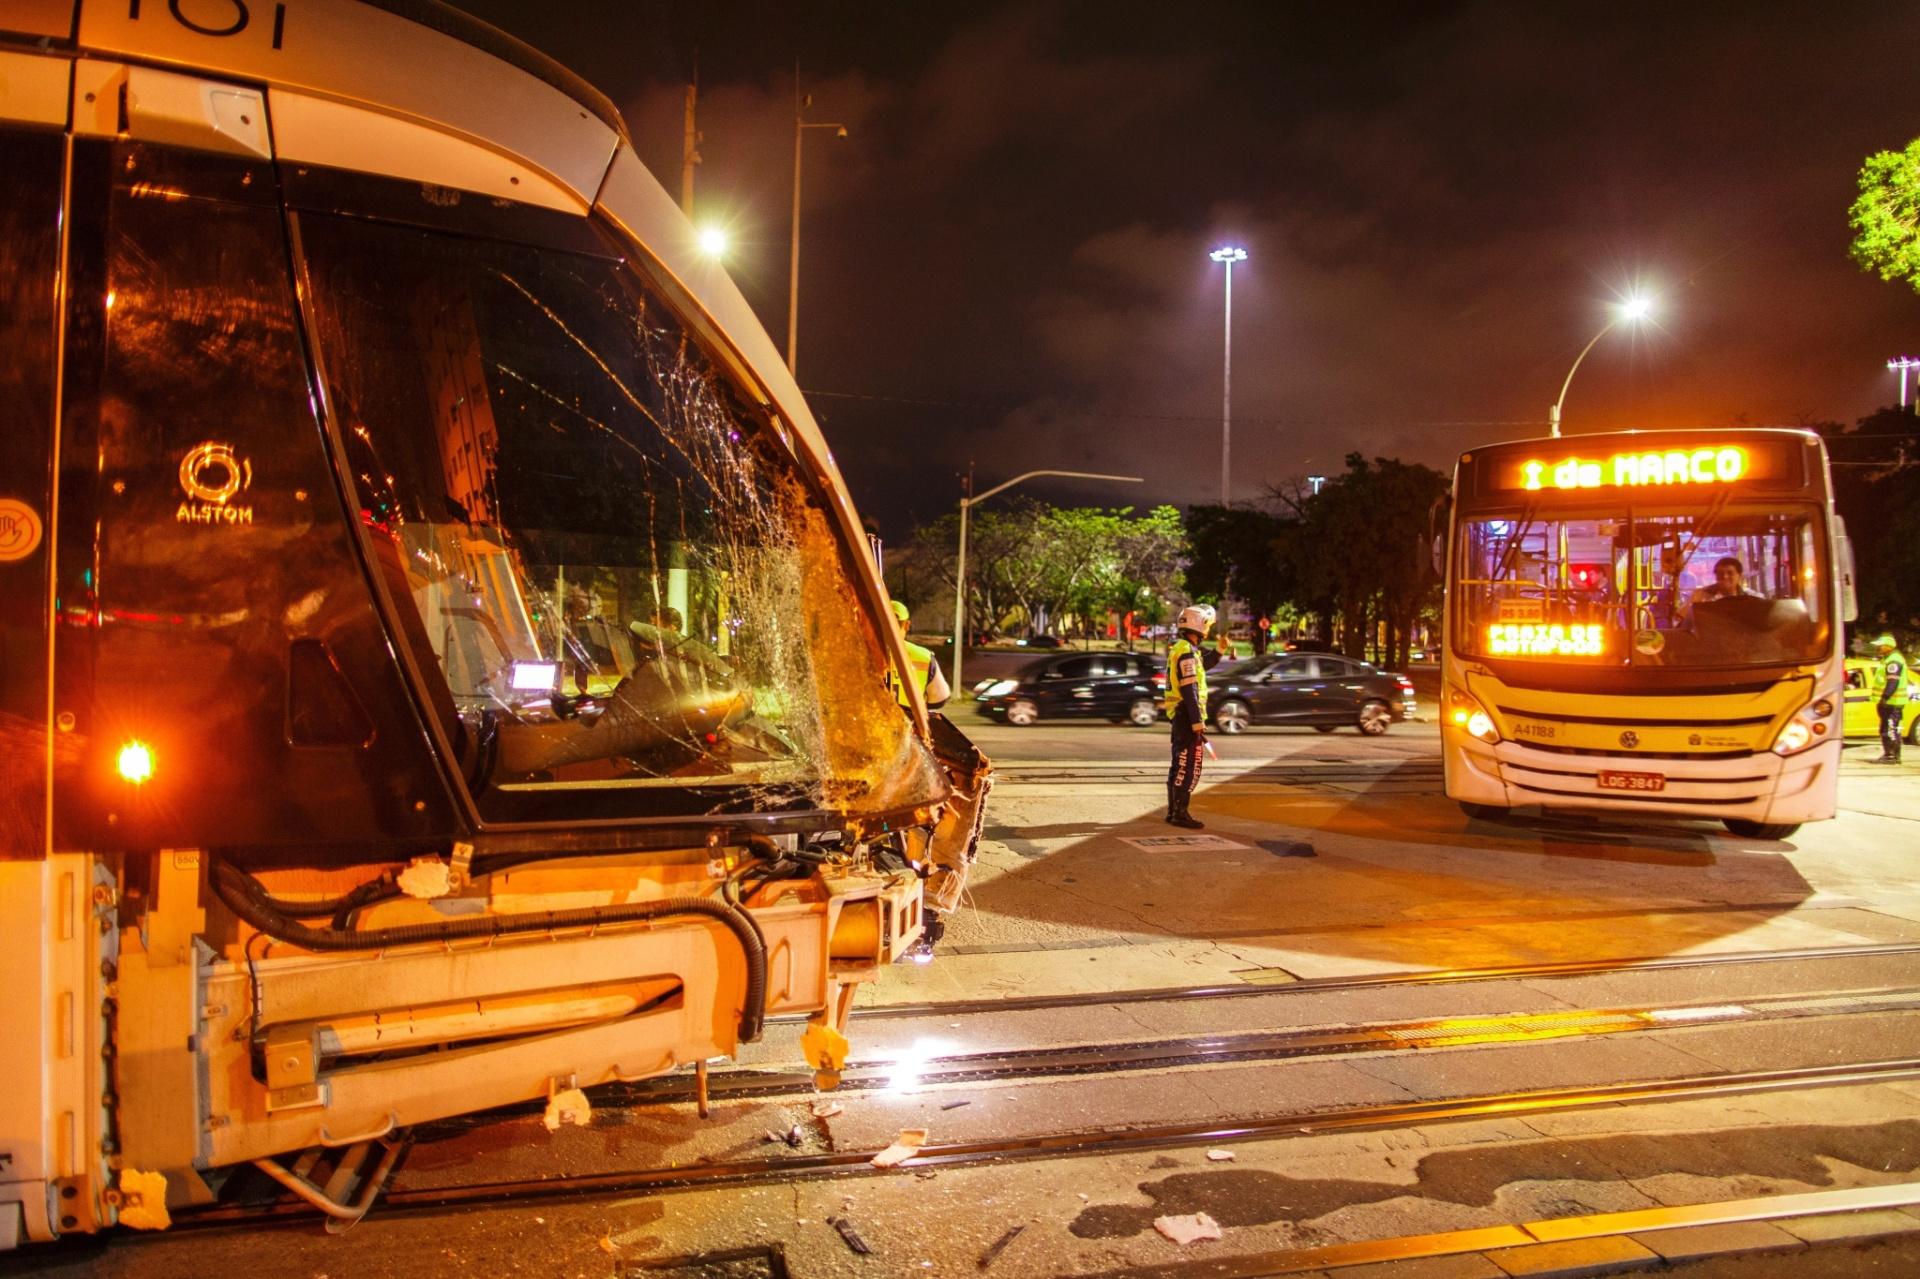 30.jul.2016 - Um ônibus e uma composição do Veículo Leve Sobre Trilhos (VLT) se chocaram na noite desta sexta-feira (29), no centro do Rio de Janeiro. De acordo com testemunhas, o ônibus bateu contra o VLT após avançar o sinal vermelho. A composição teve a frente destruída no impacto, mas nenhum passageiro de ambos os veículos se feriu. Esse é o primeiro acidente envolvendo o VLT, que começou a operar no início do mês de junho na cidade